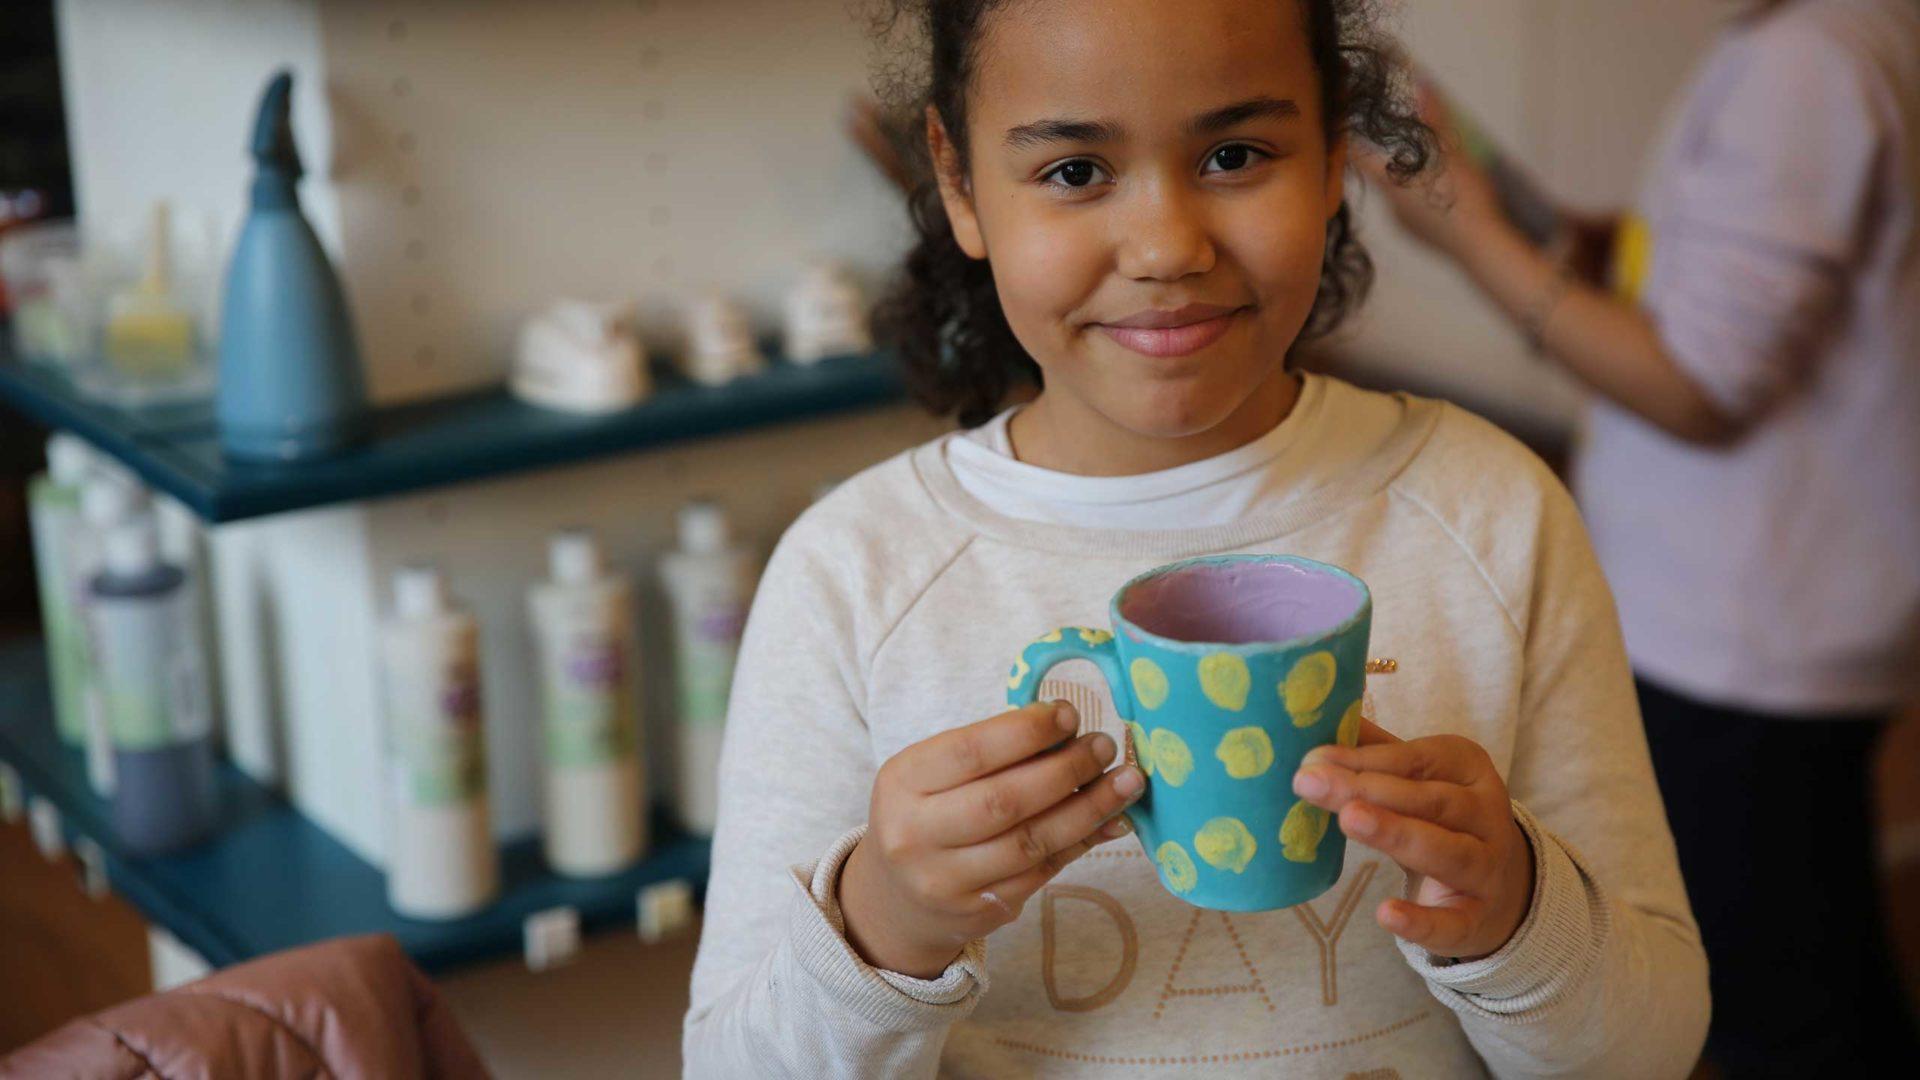 Ein Kind aus der Arche Frankfurt mit einer selbstgemachten Tasse in der Hand steht in der Kreativwerkstatt